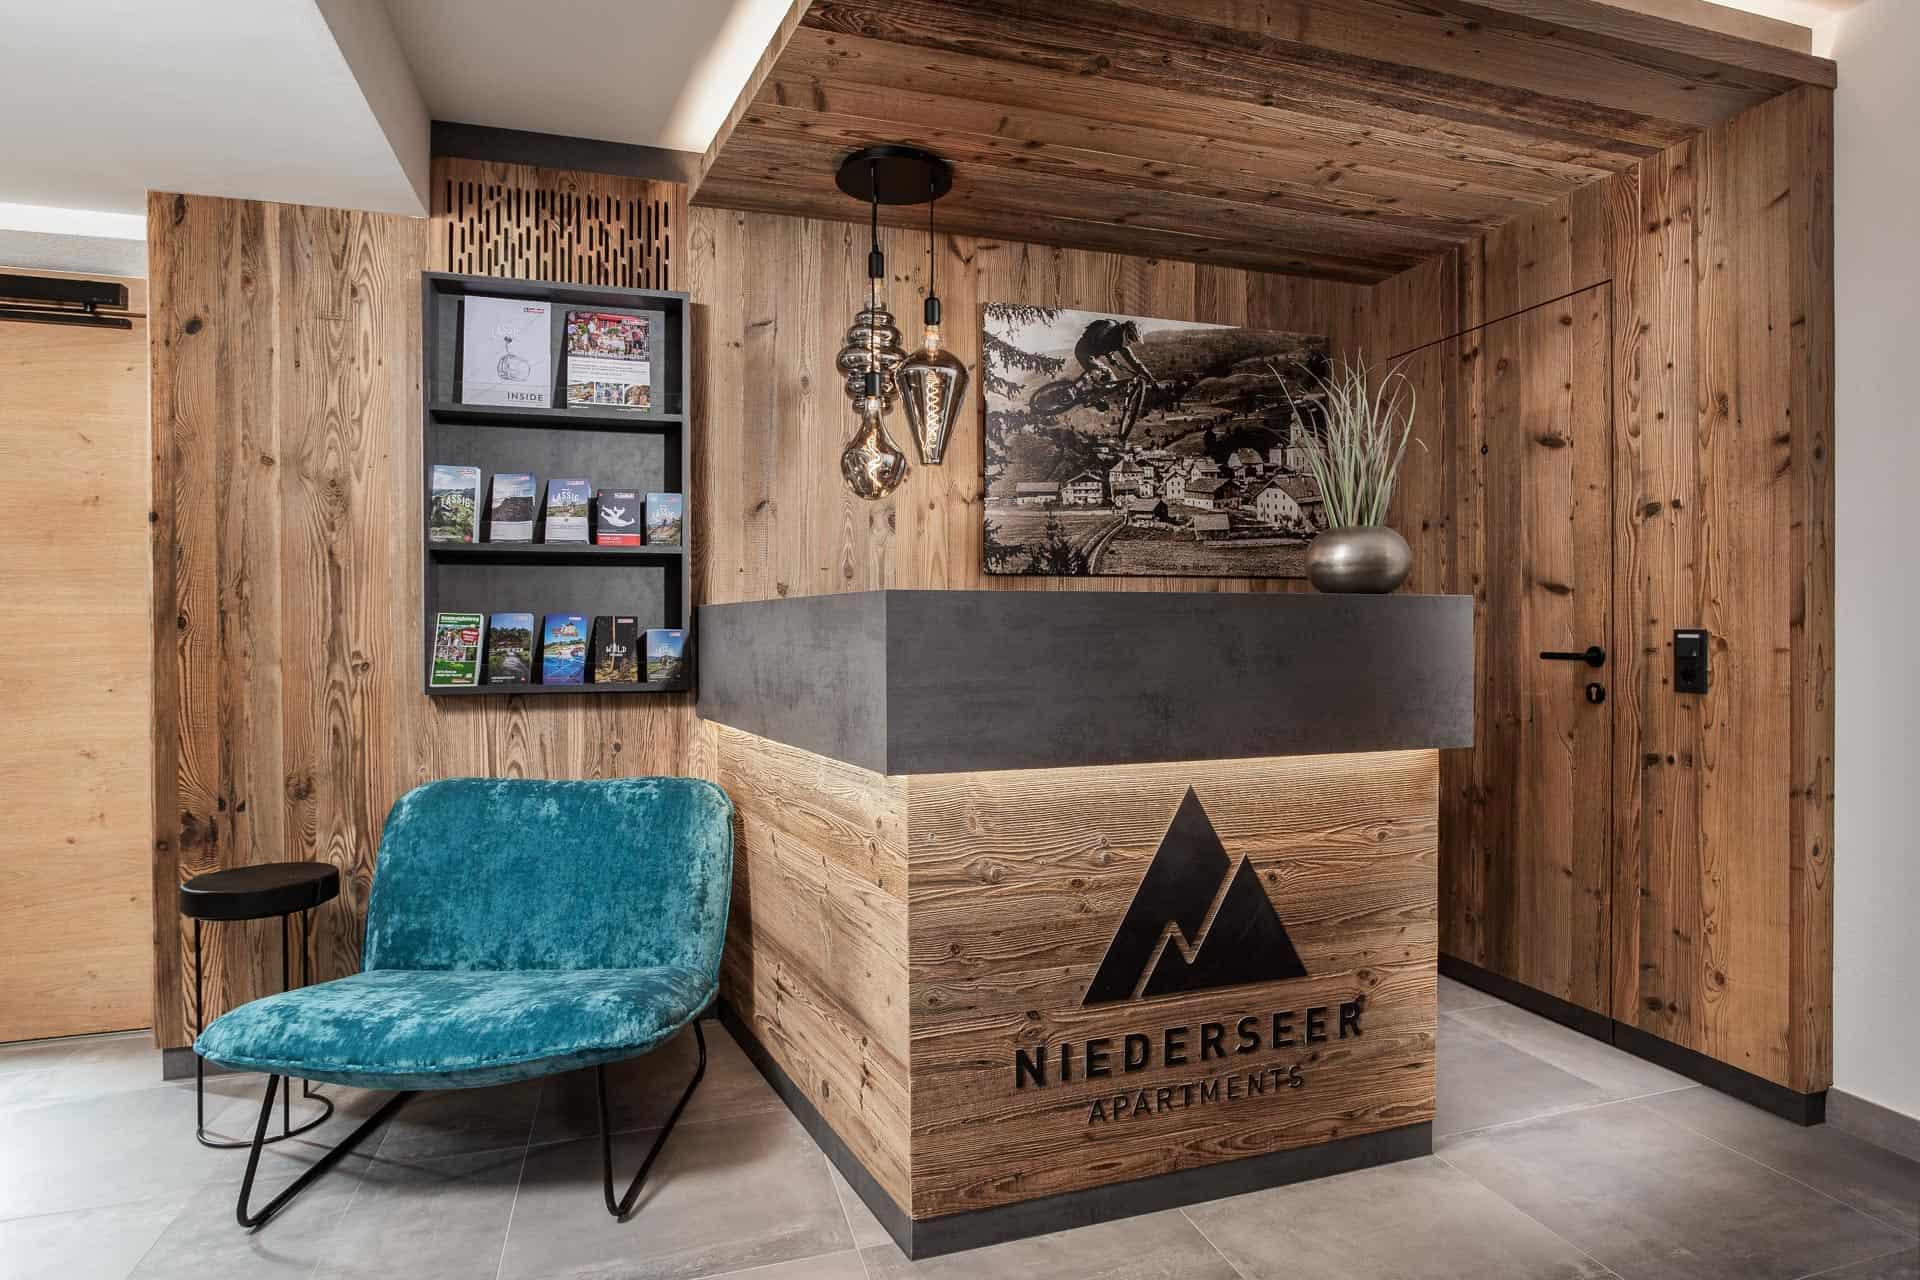 Niederseer-Apartments-072021-7